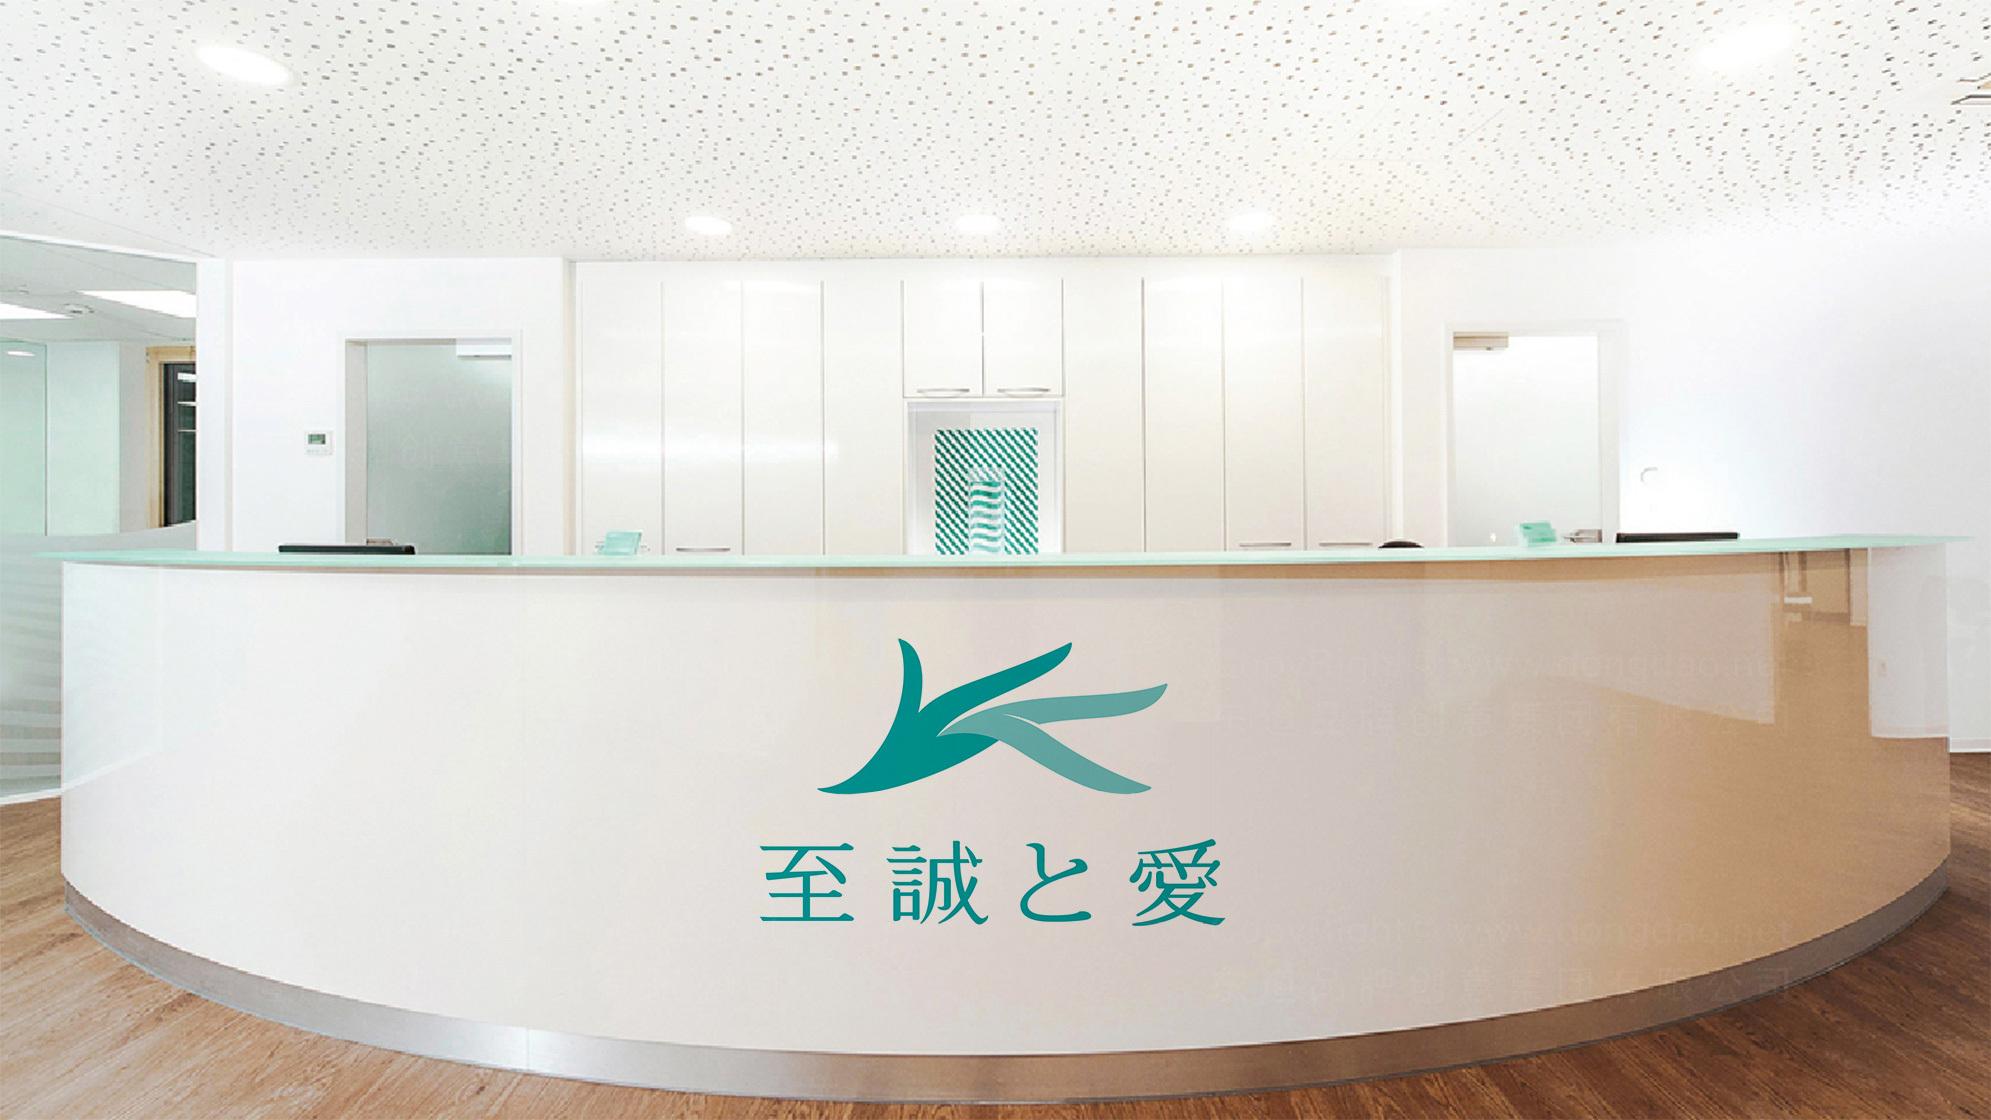 品牌设计案例志诚和爱门诊部LOGO&VI设计